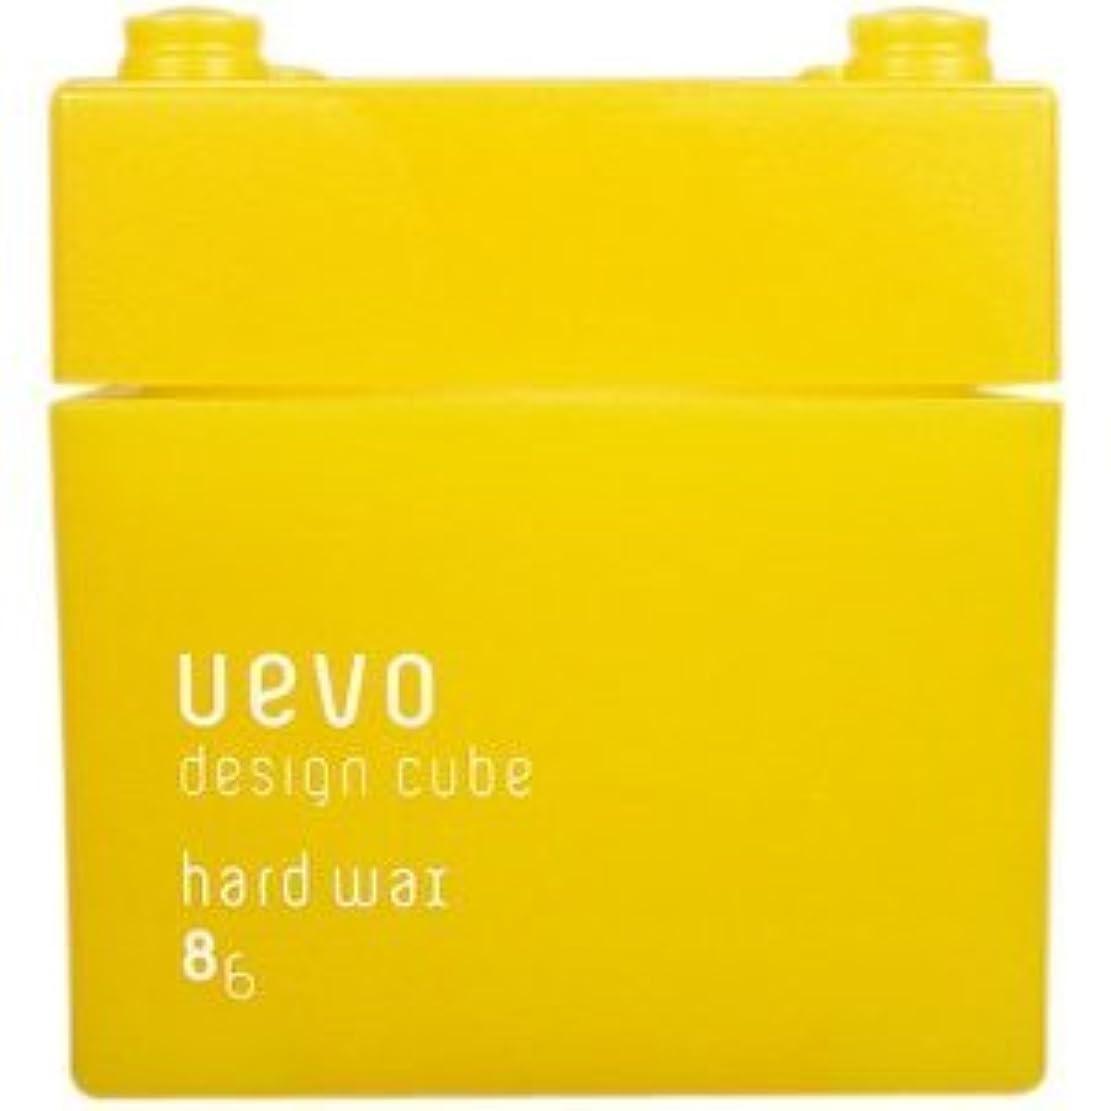 異議そのような専門化する【X3個セット】 デミ ウェーボ デザインキューブ ハードワックス 80g hard wax DEMI uevo design cube